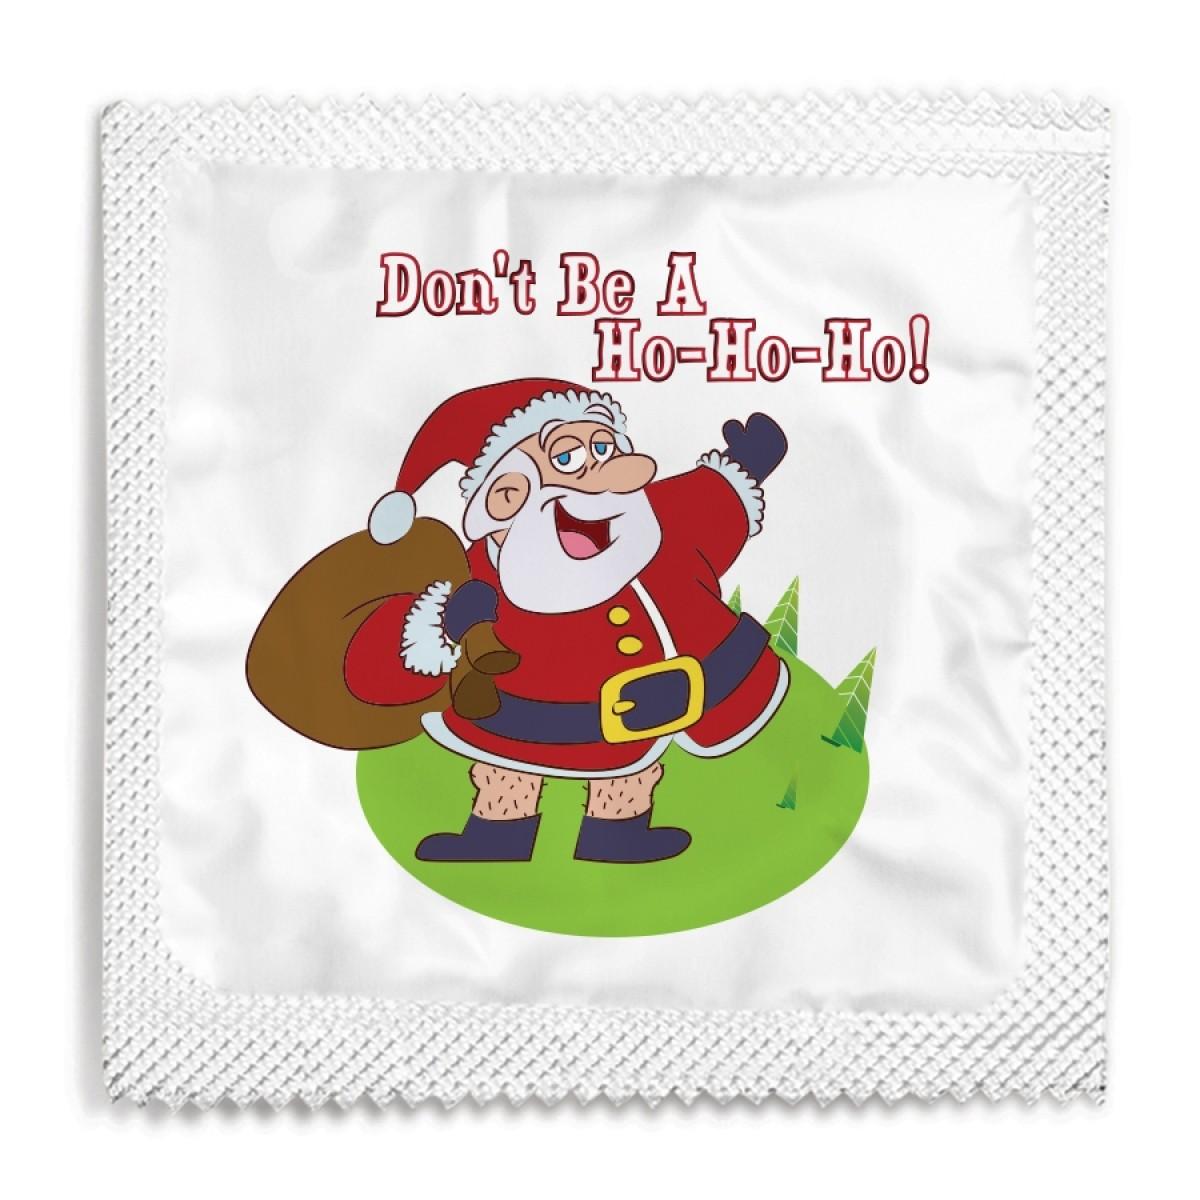 Don't Be A Ho-Ho-Ho Condom